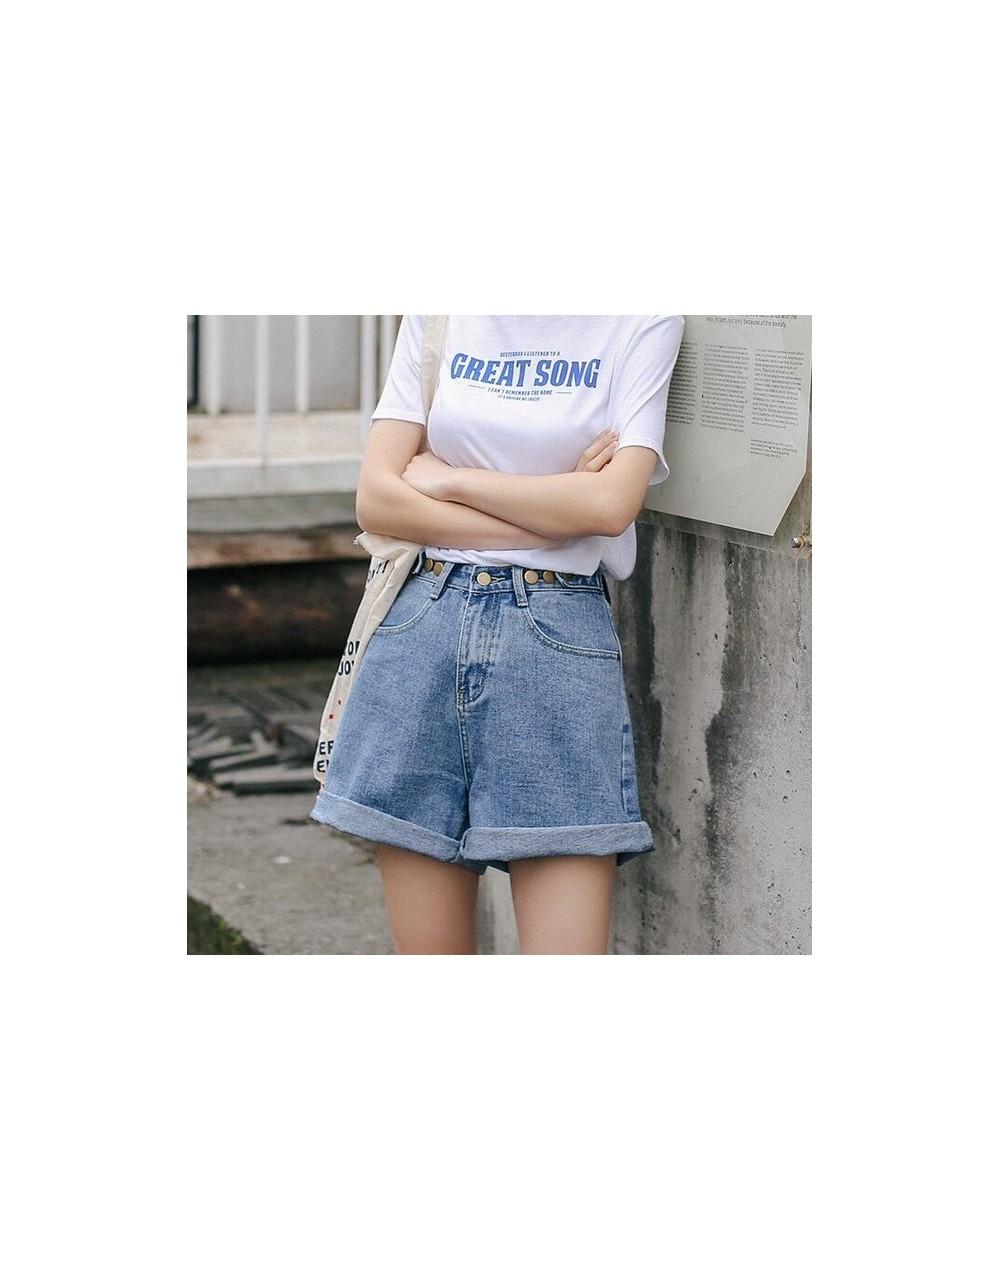 Streetwear High Waist Wide Leg Denim Shorts For Women 2019 New Jean Shorts Women Summer Korean Style Women Loose Short Short...